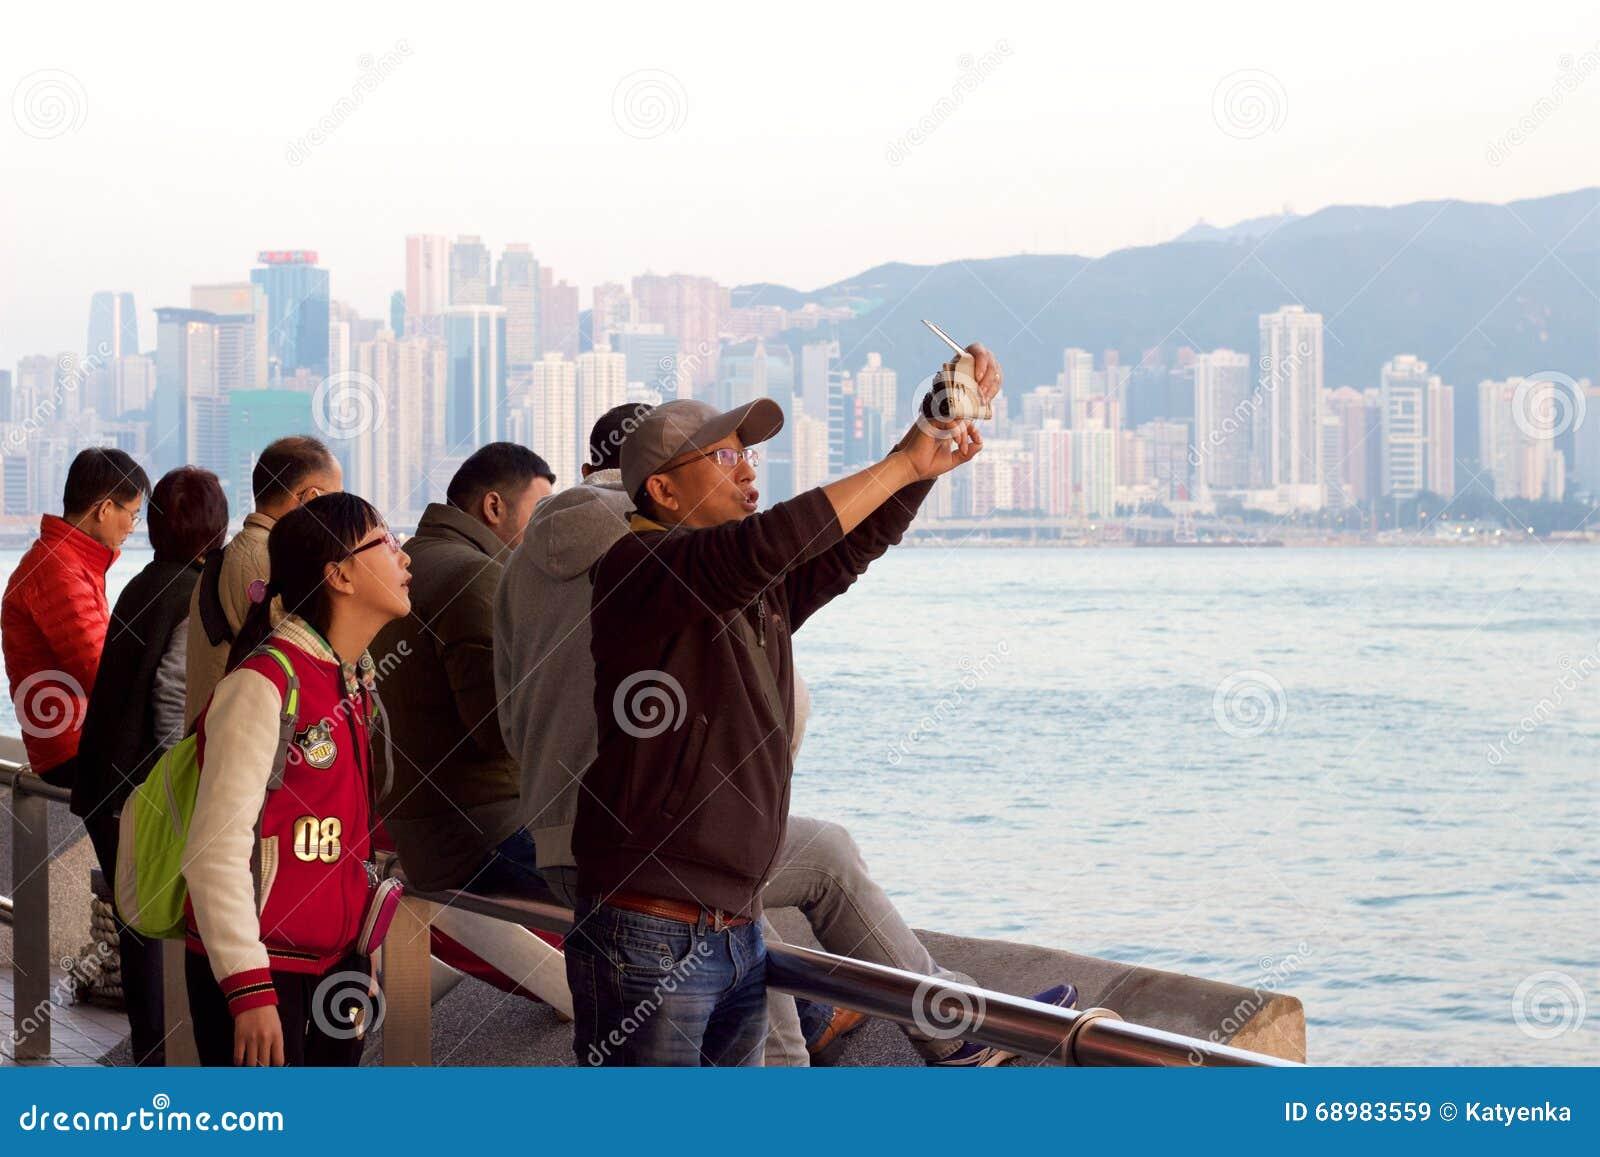 Costa de Hong Kong: Puesta del sol de fotografía de la gente en la oscuridad